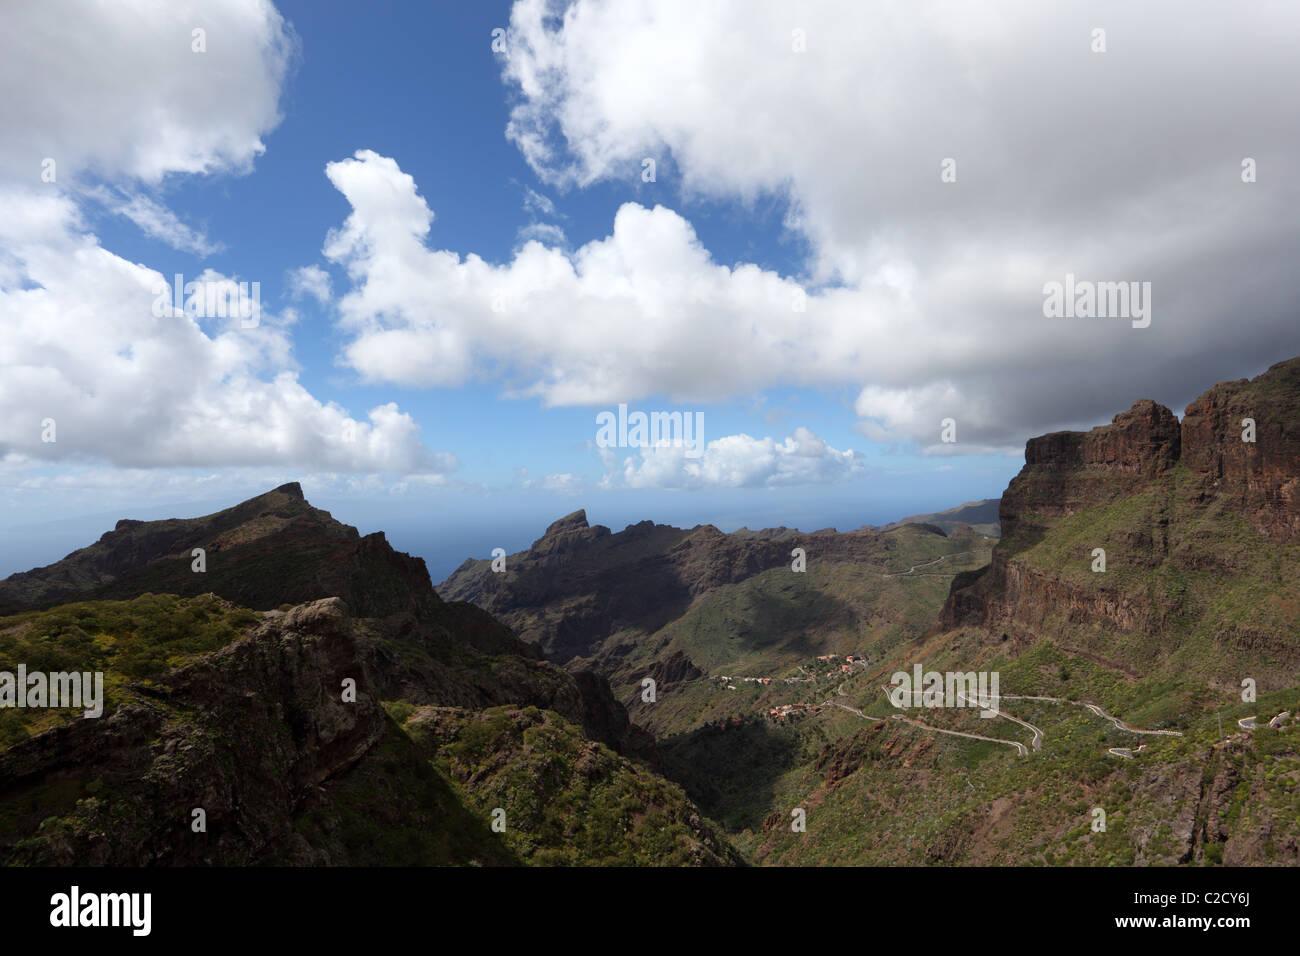 Blick in Richtung der Masca-Schlucht auf der Kanarischen Insel Teneriffa, Spanien Stockbild